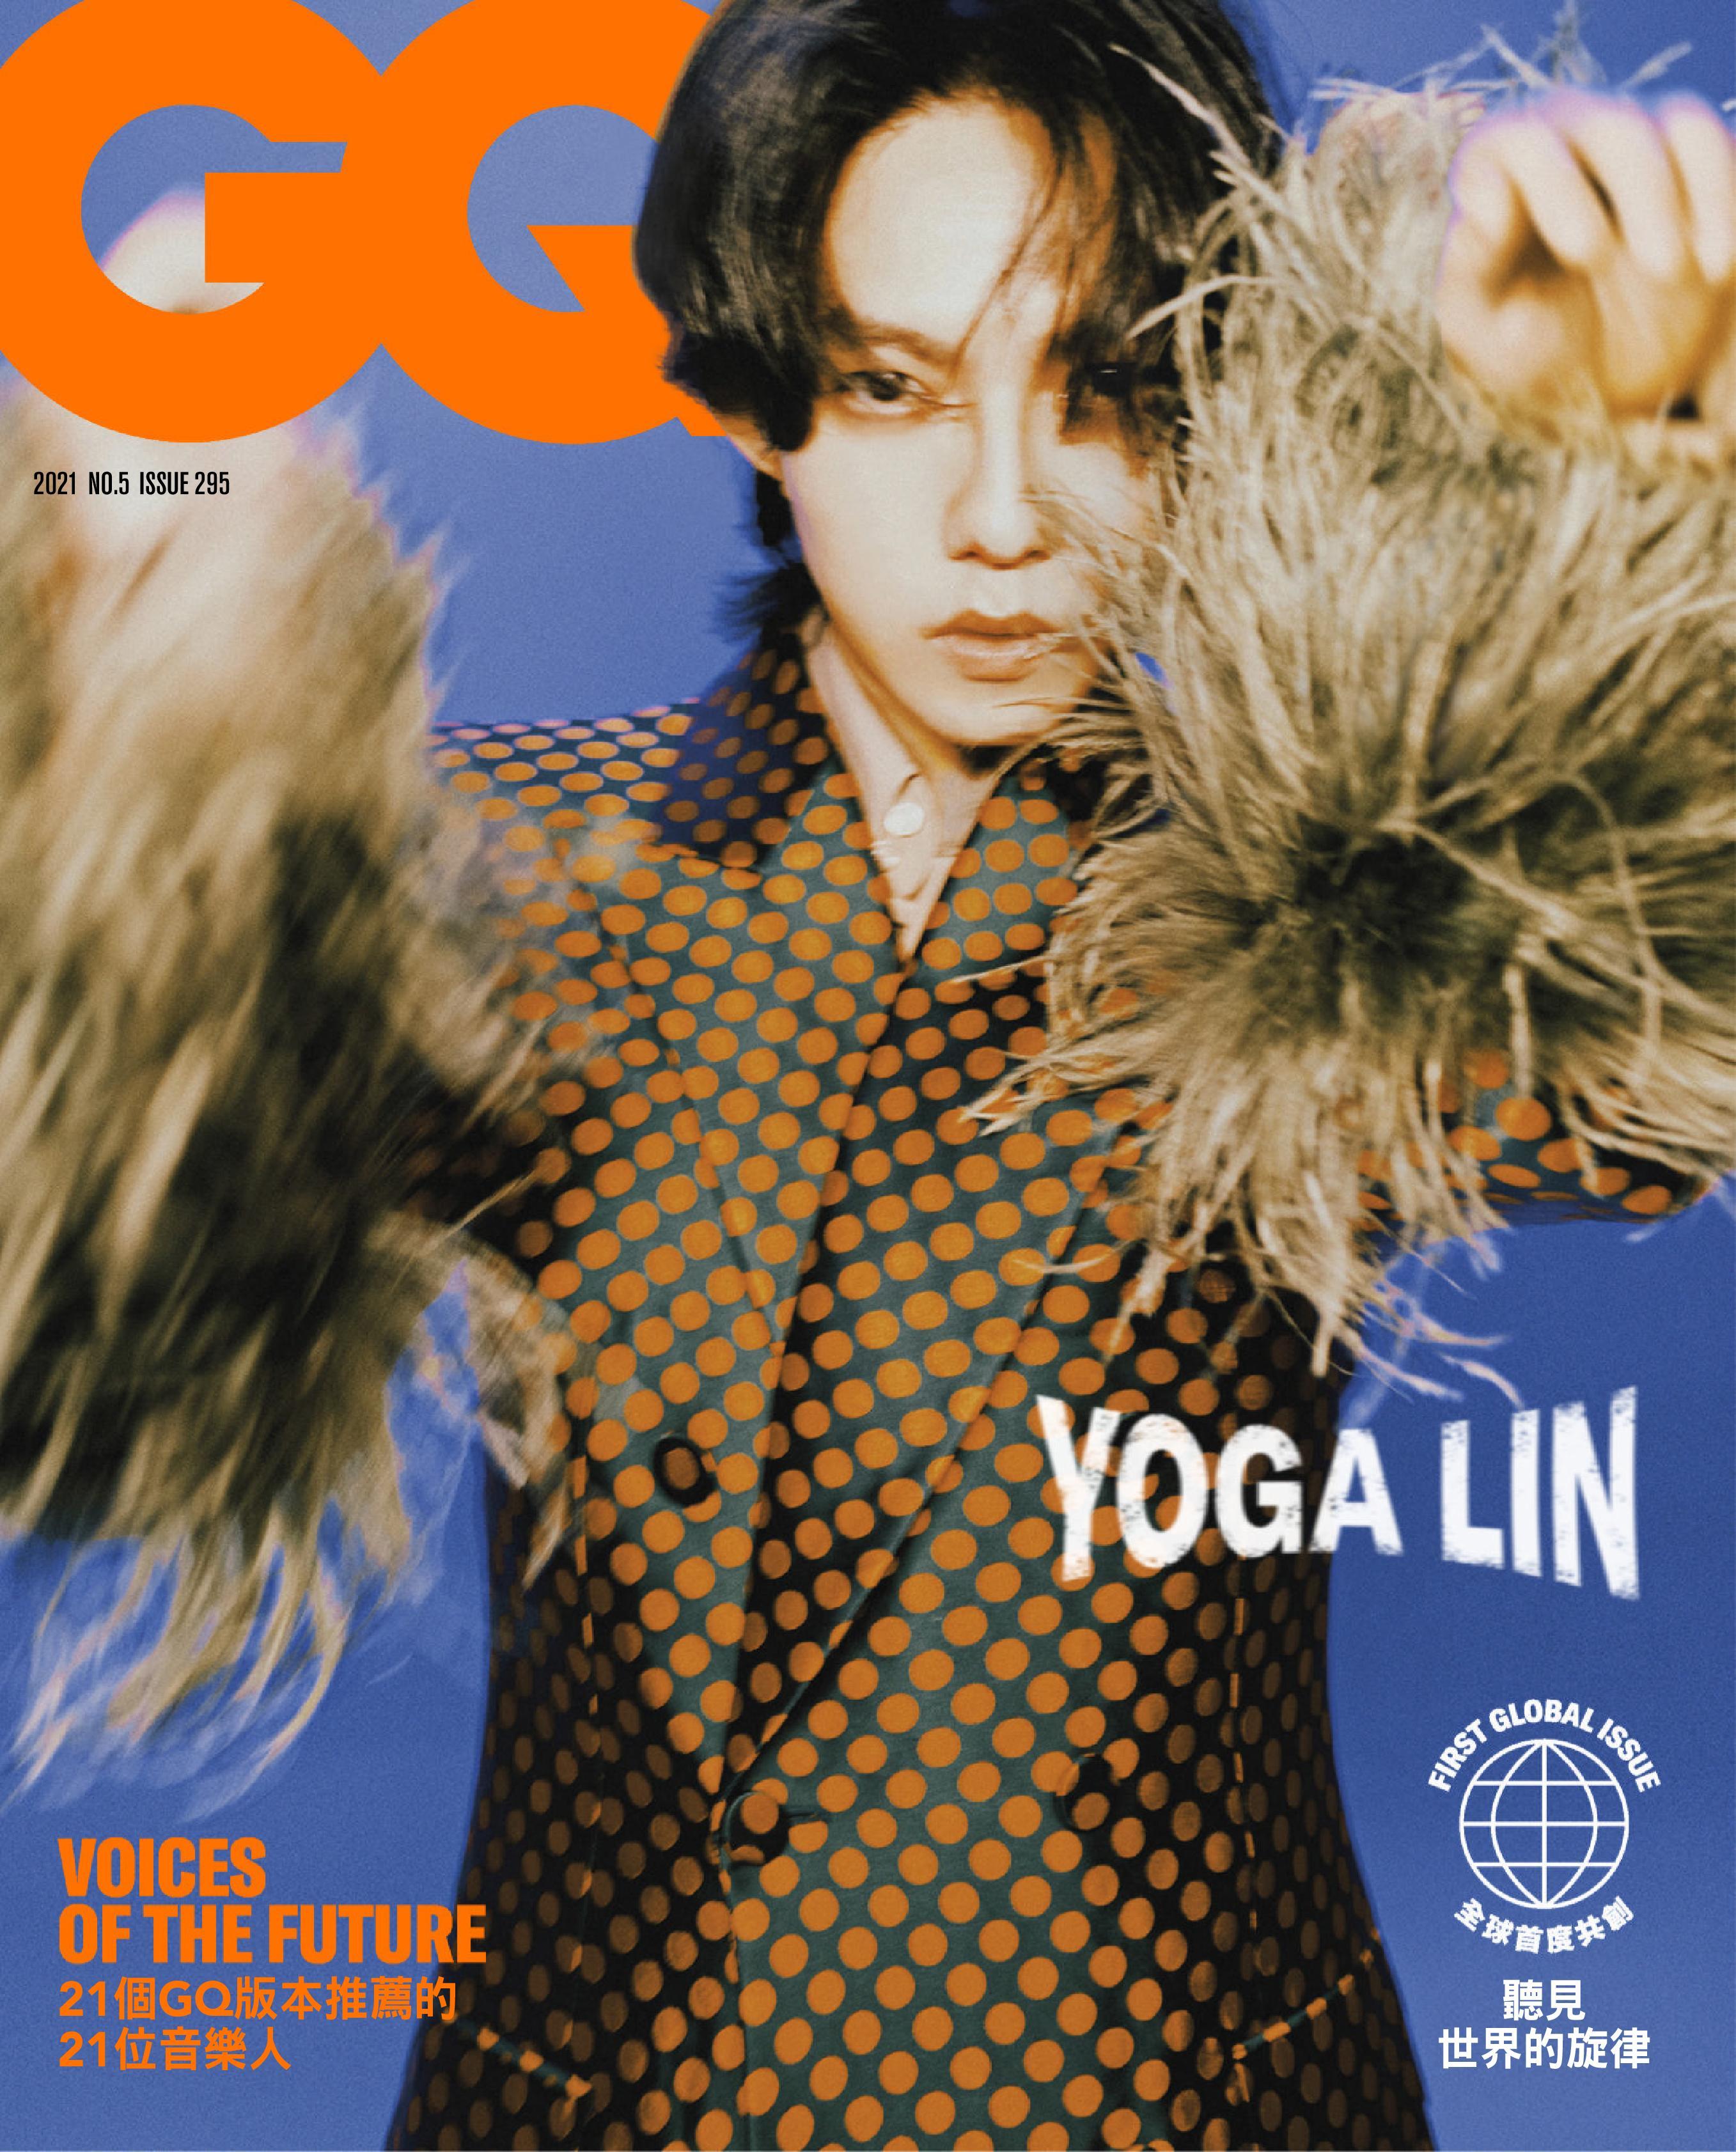 GQ 瀟灑國際中文版 - 九月 2021